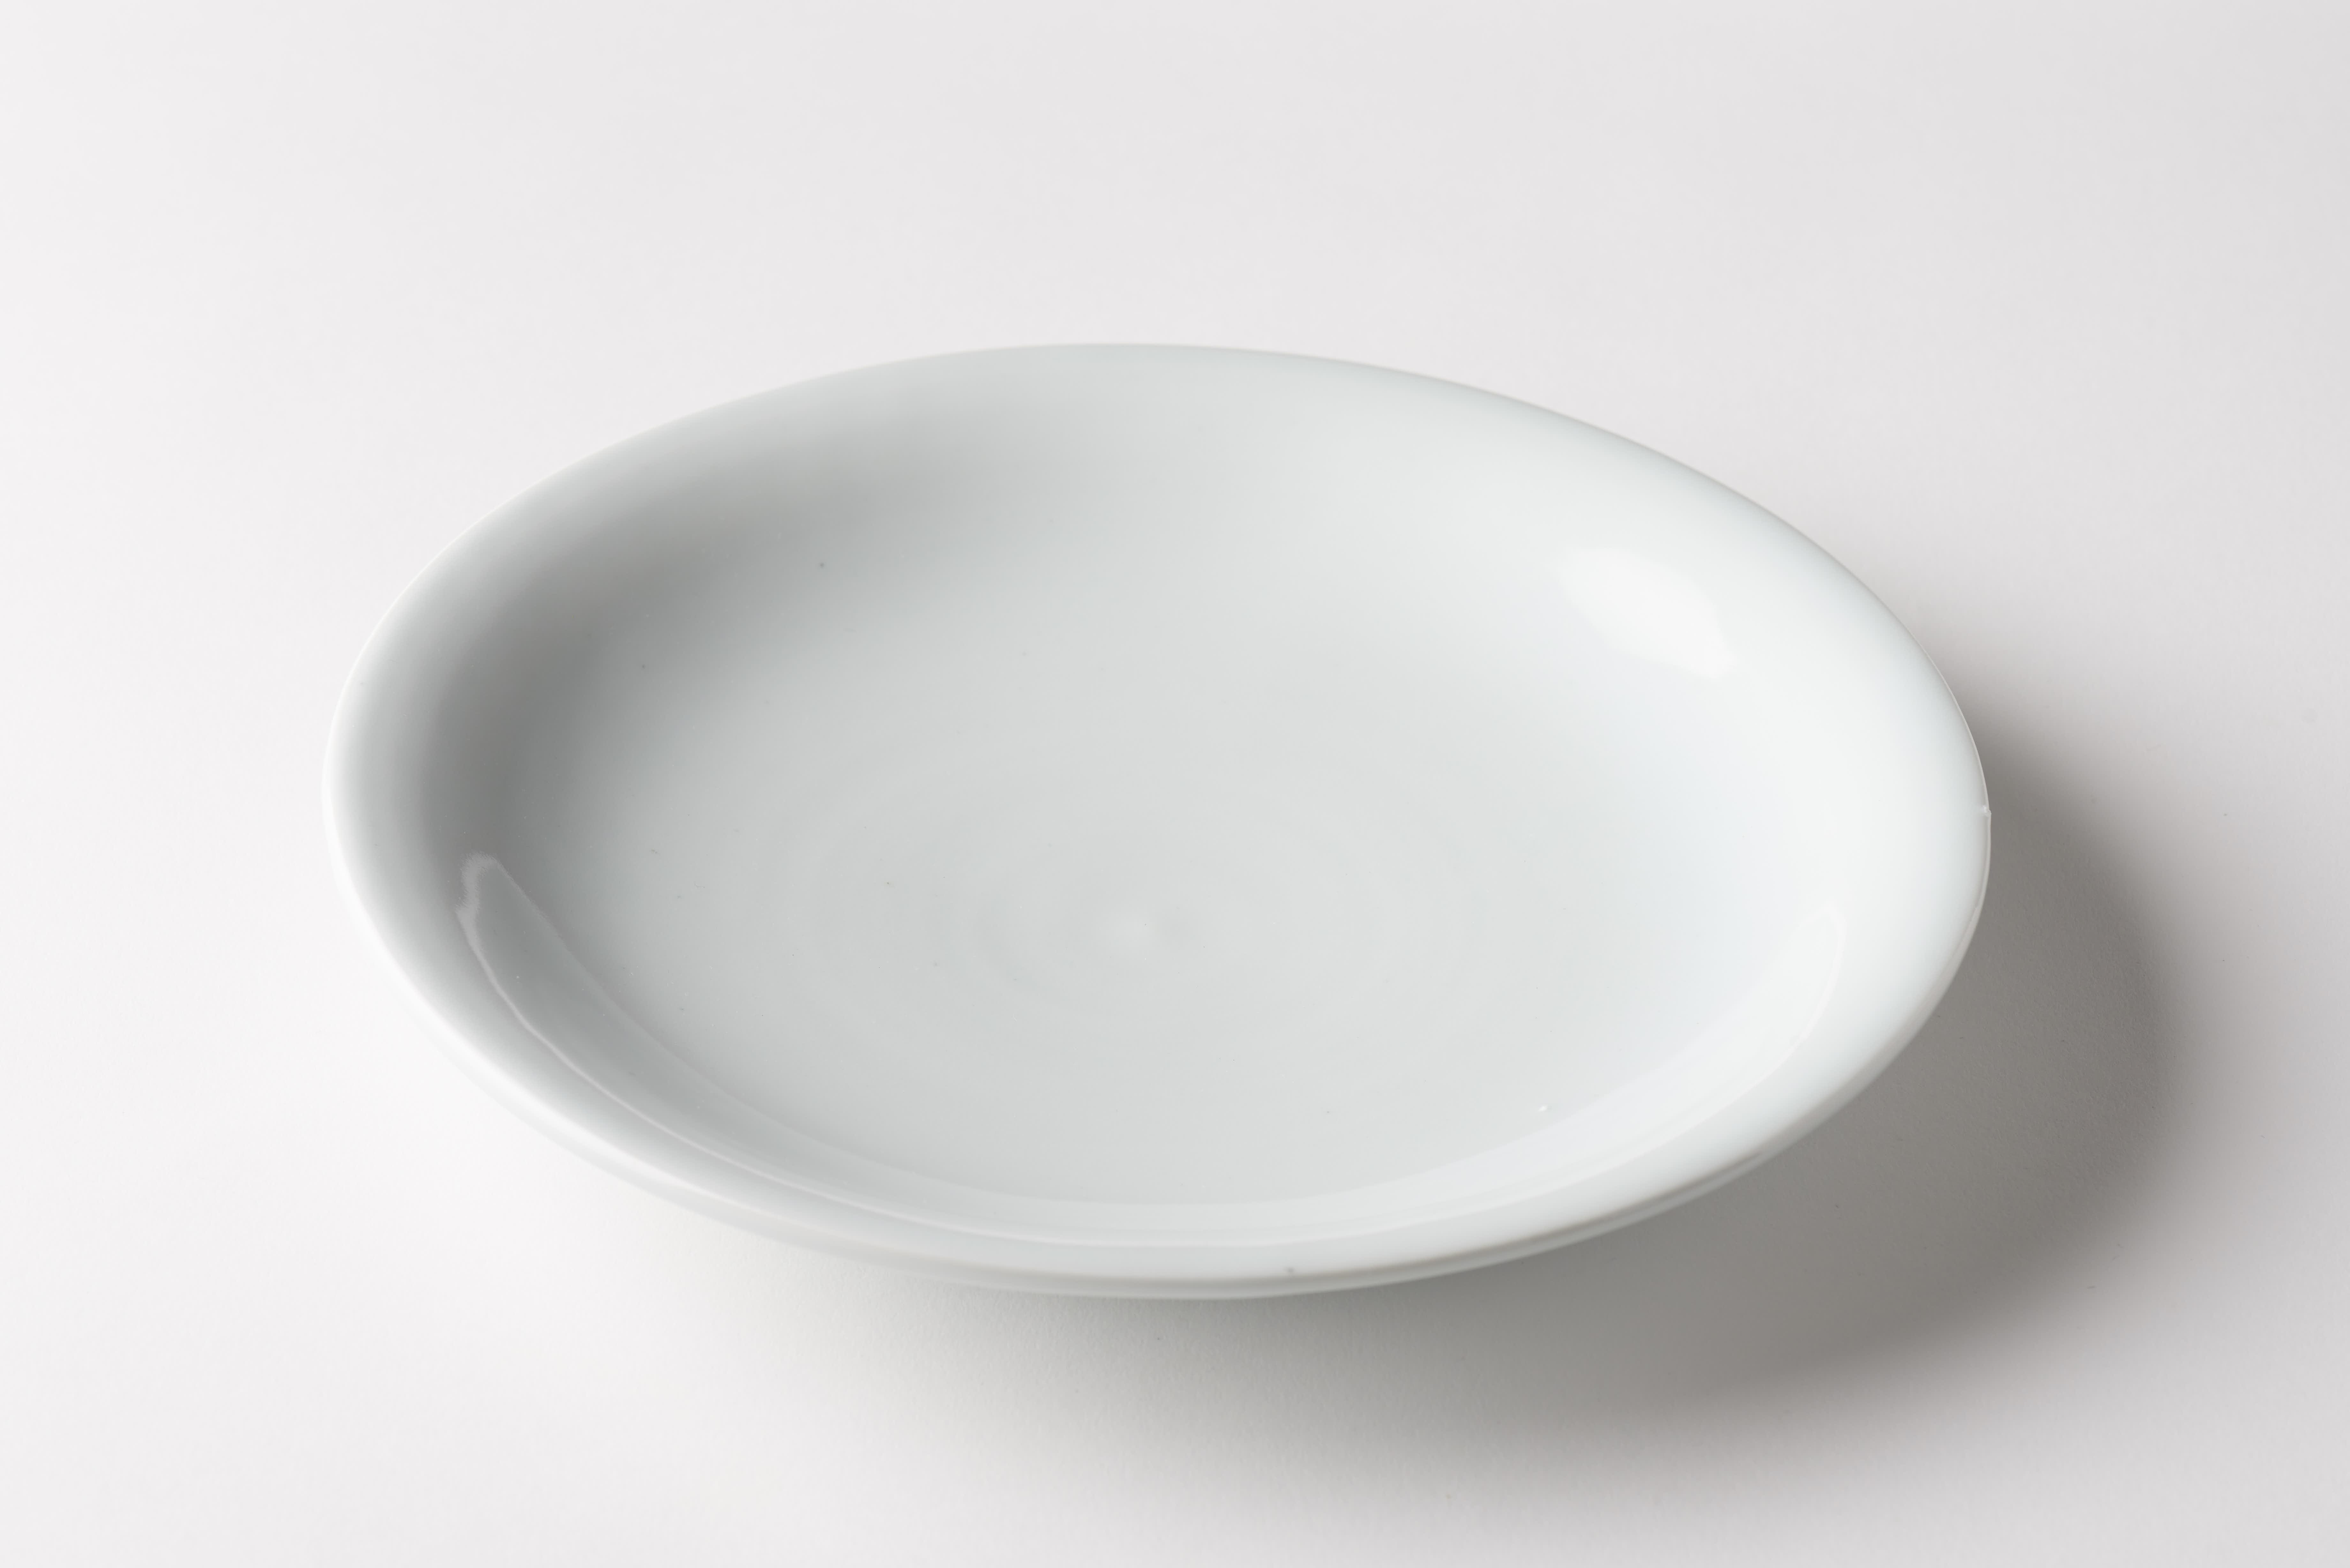 白磁プレート 大